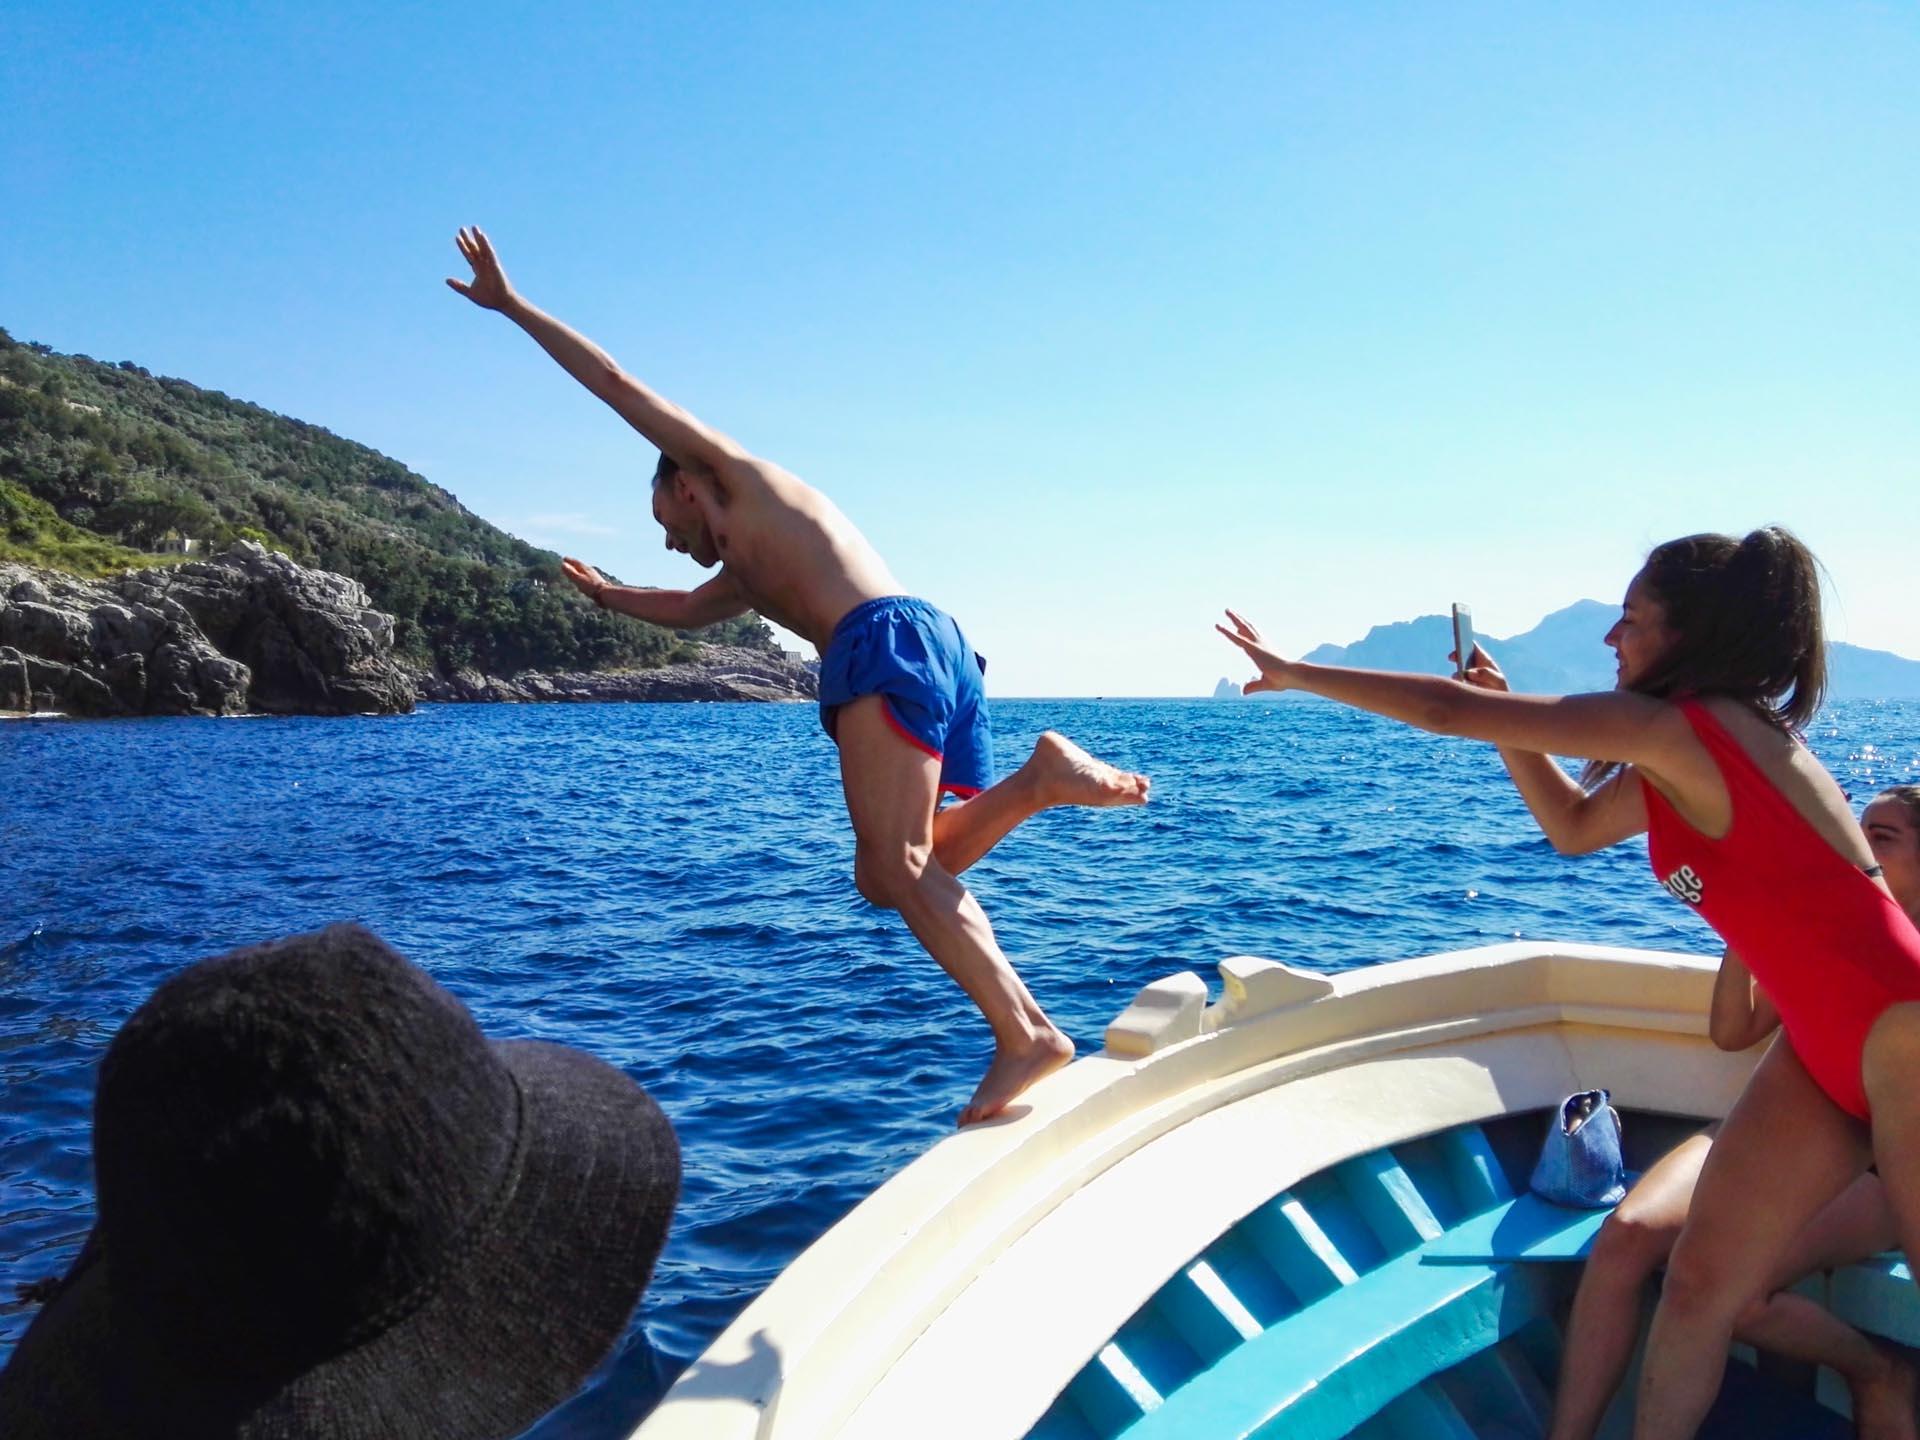 Sorrento boat excursion